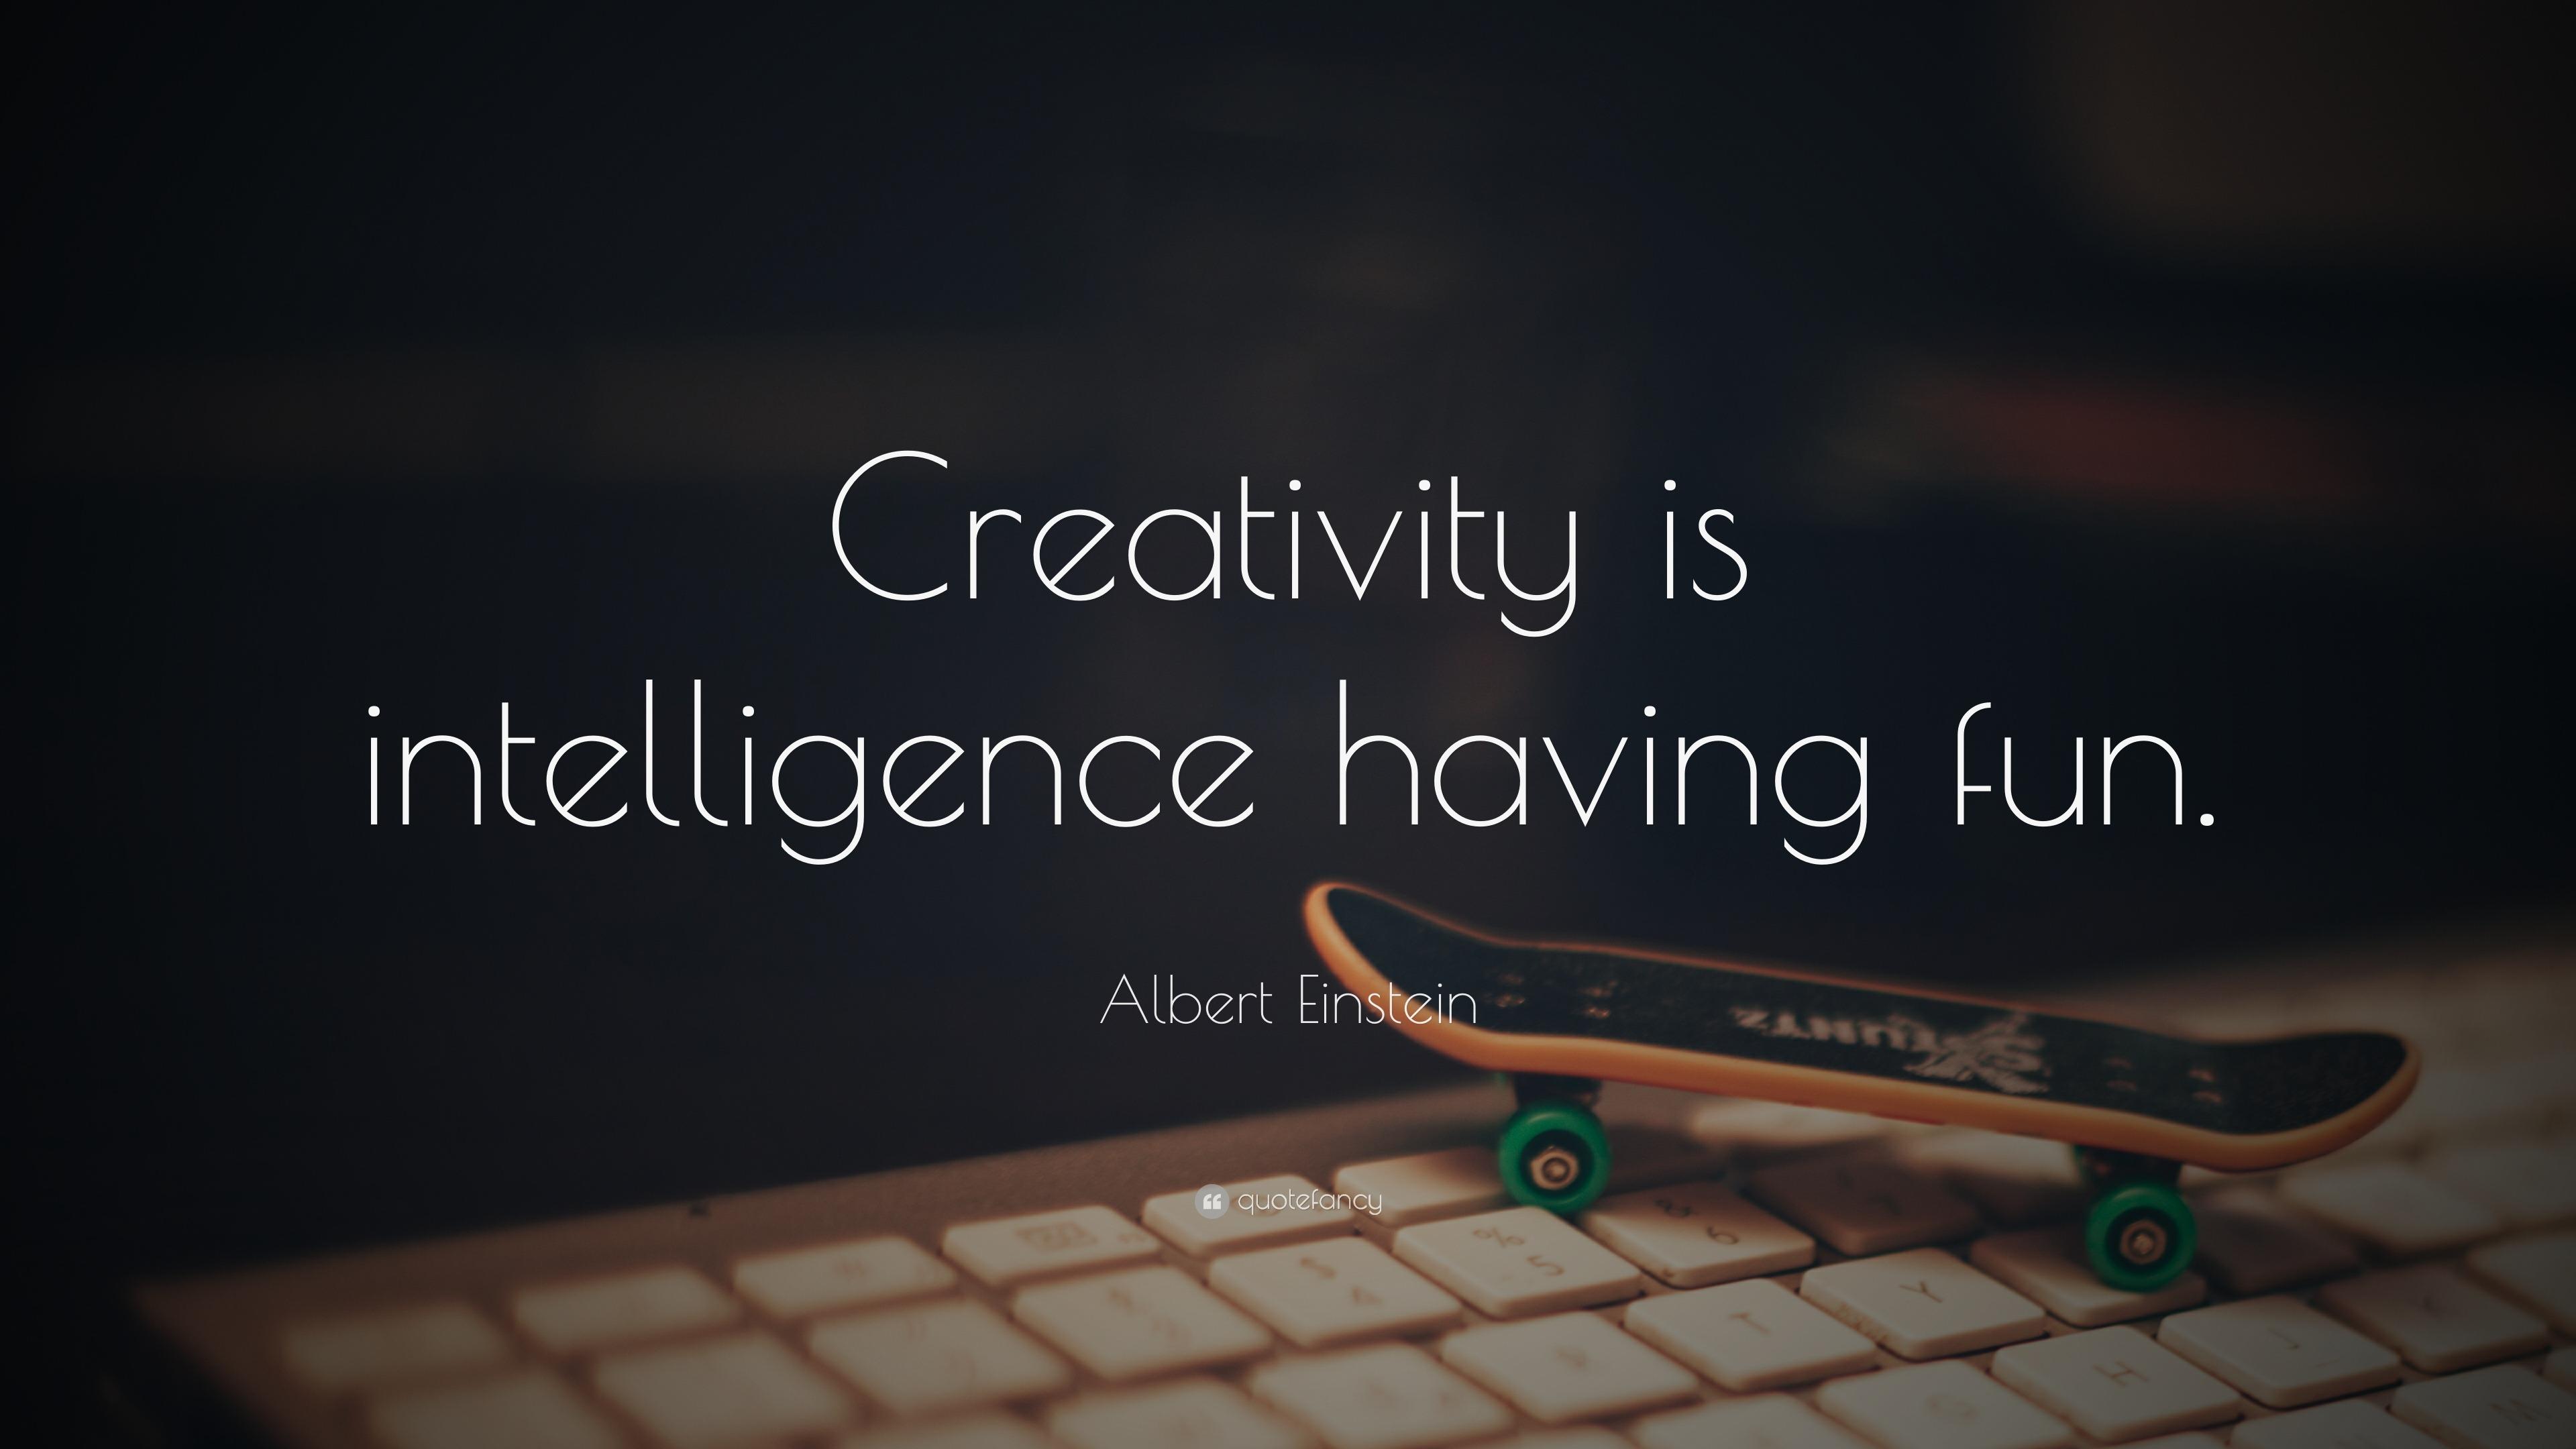 Albert Einstein Quote: U201cCreativity Is Intelligence Having Fun.u201d